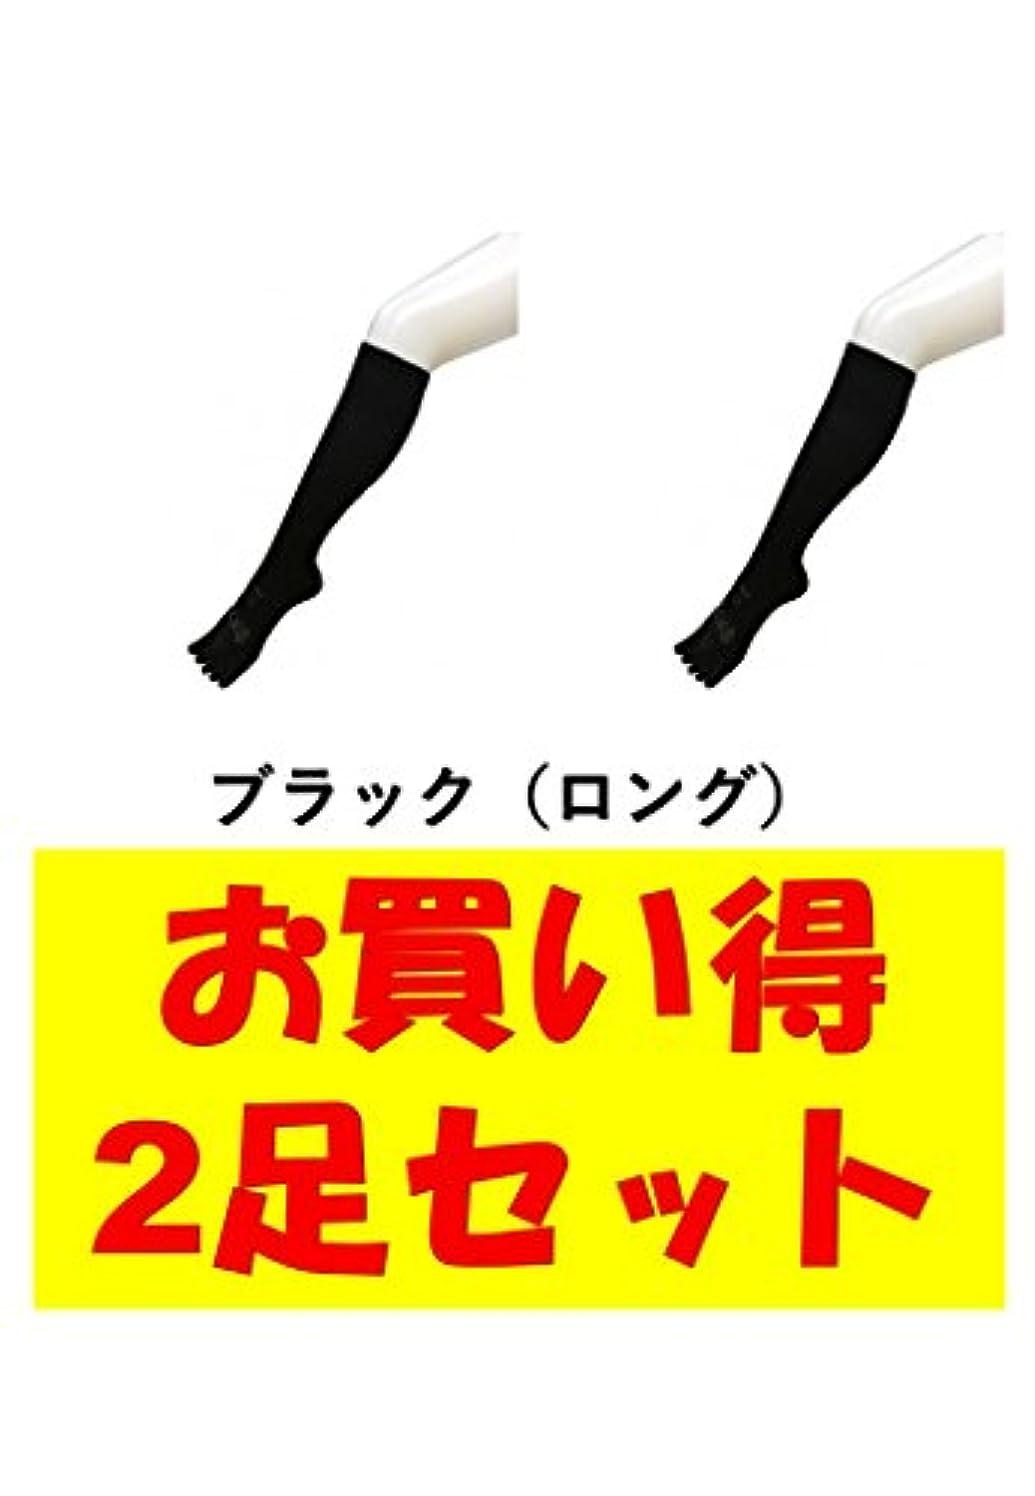 あさり切り離す助言お買い得2足セット 5本指 ゆびのばソックス ゆびのばロング ブラック 女性用 22.0cm-25.5cm HSLONG-BLK